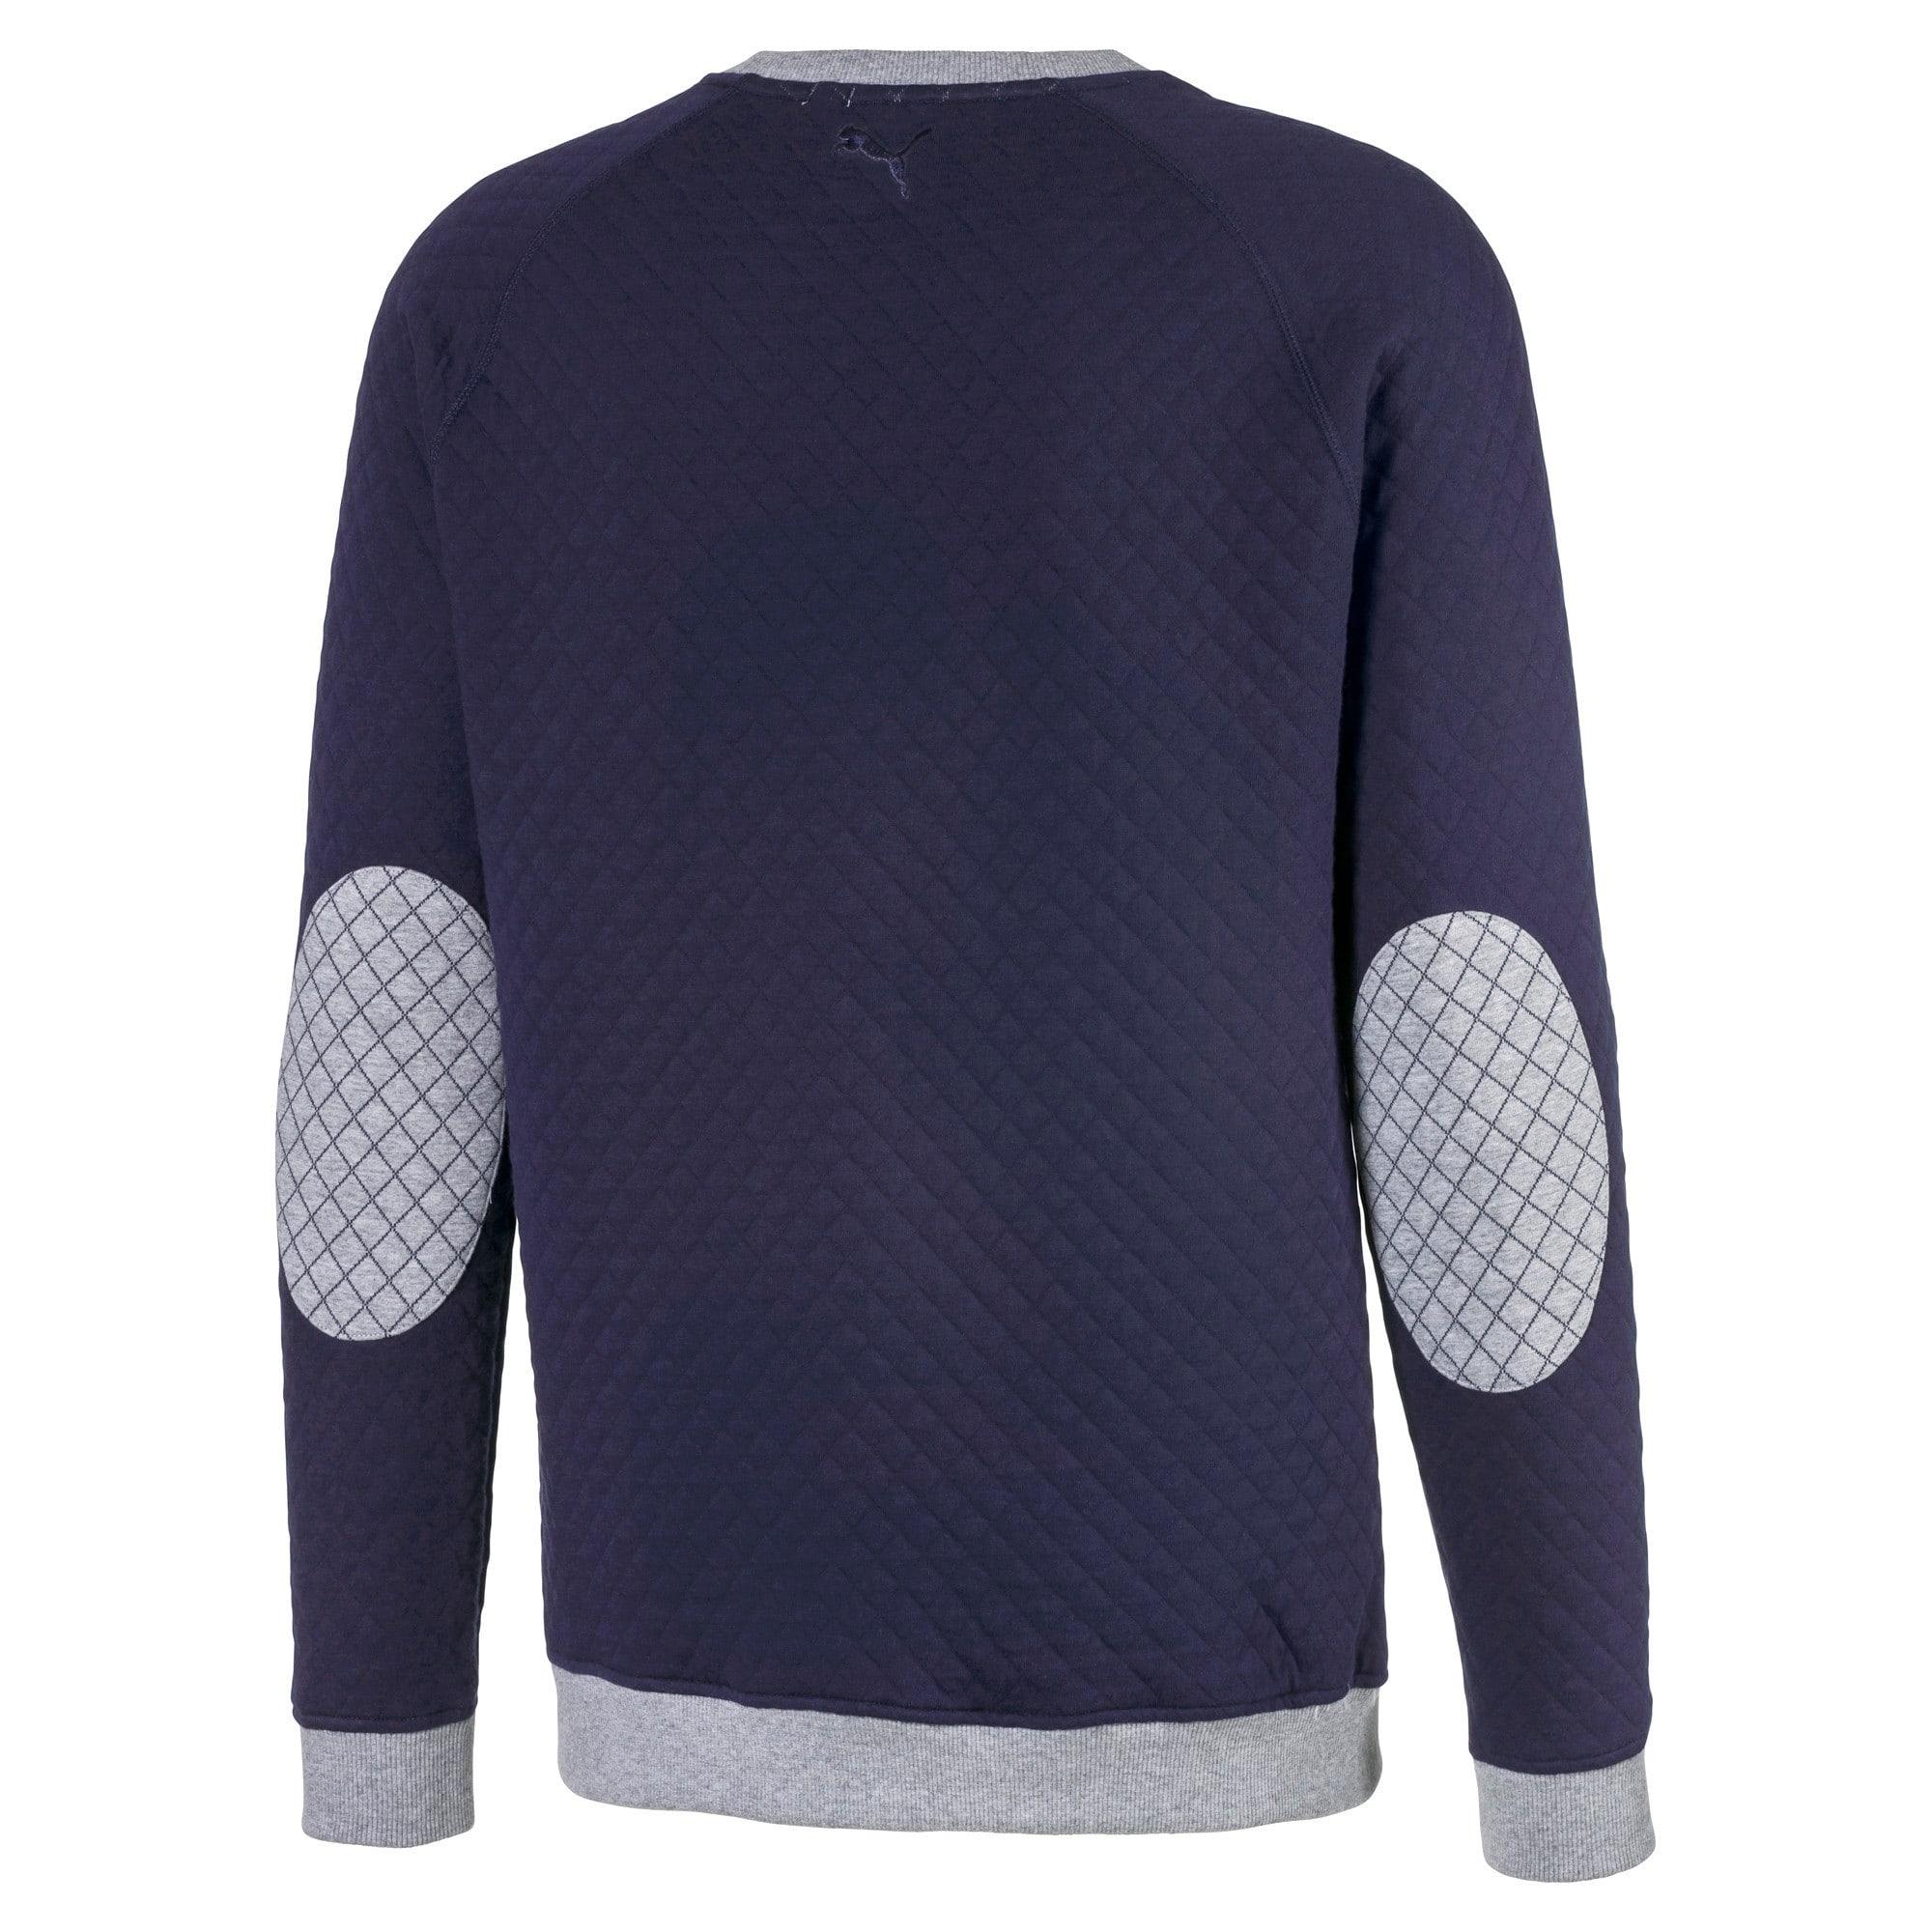 Thumbnail 6 of Doorgestikte golfsweater voor heren, Quarry Heather, medium